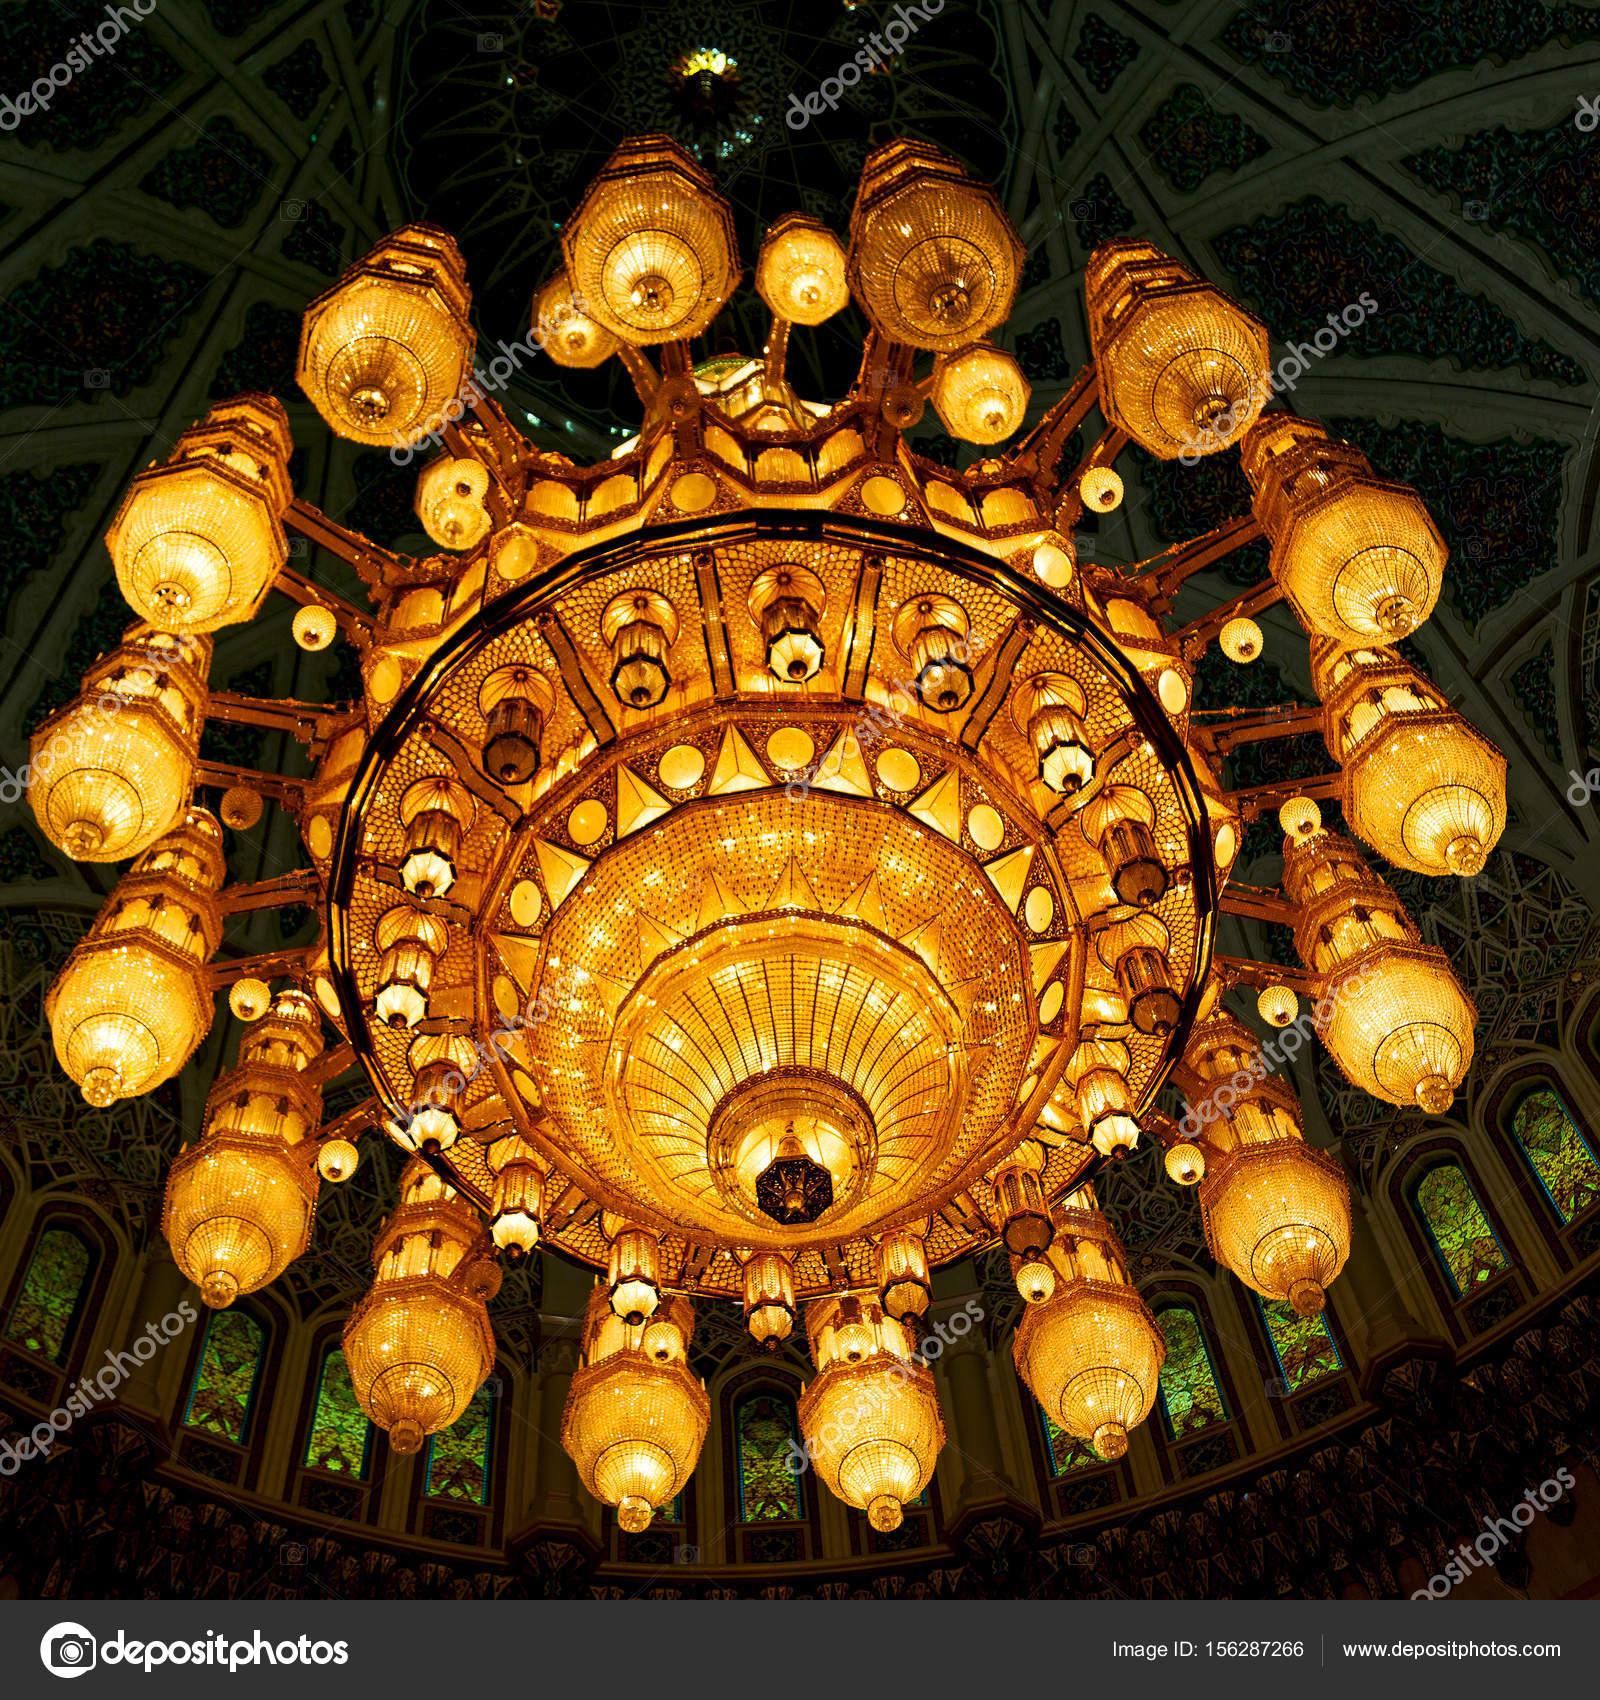 Glas Kronleuchter In Oman Muscat Alte Moschee Und Der Antike U2014 Foto Von  Lkpro